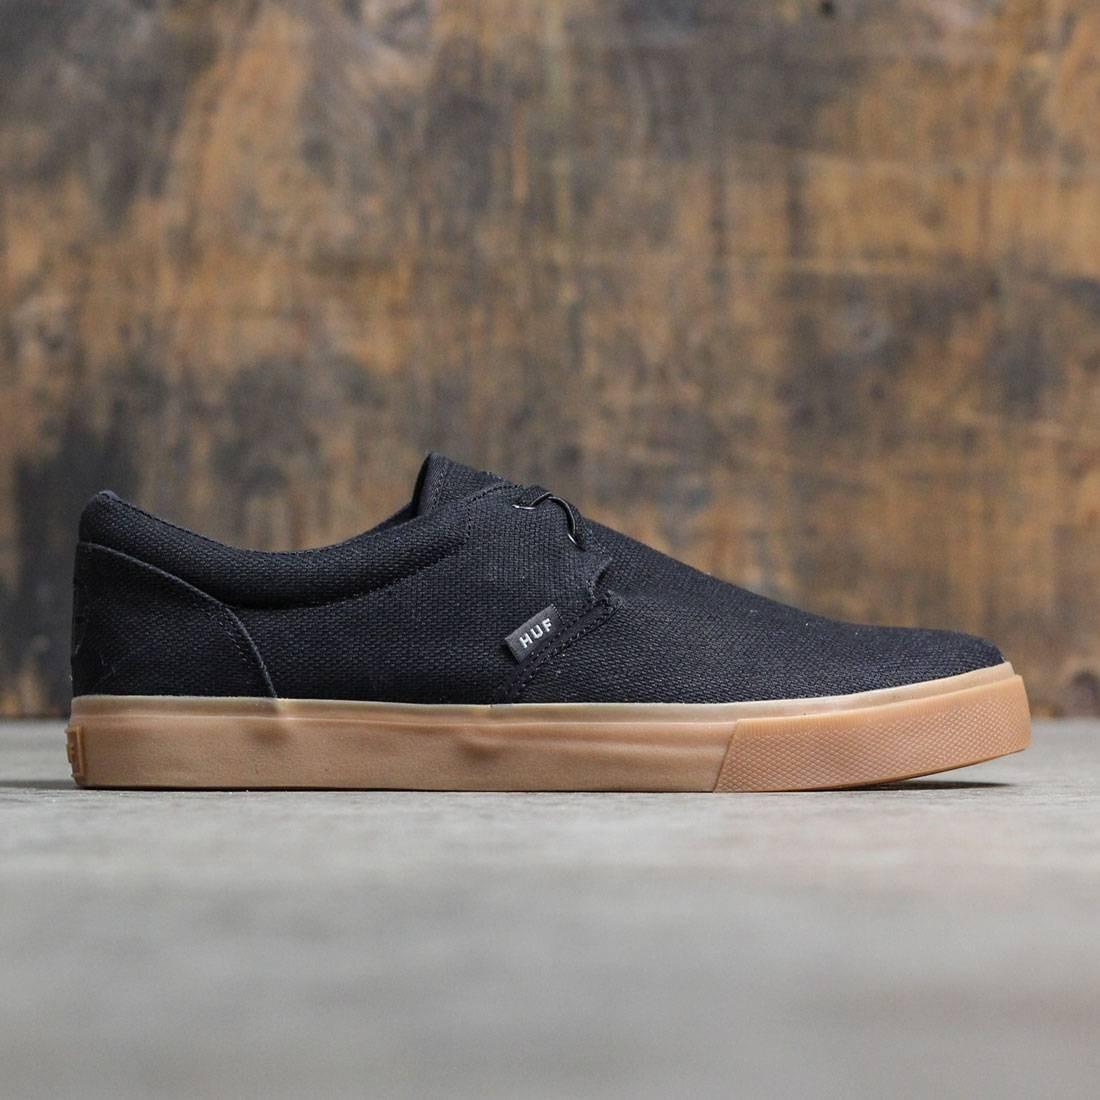 【海外限定】ハフ メンズ靴 靴 【 HUF GENUINE BLACK GUM 】